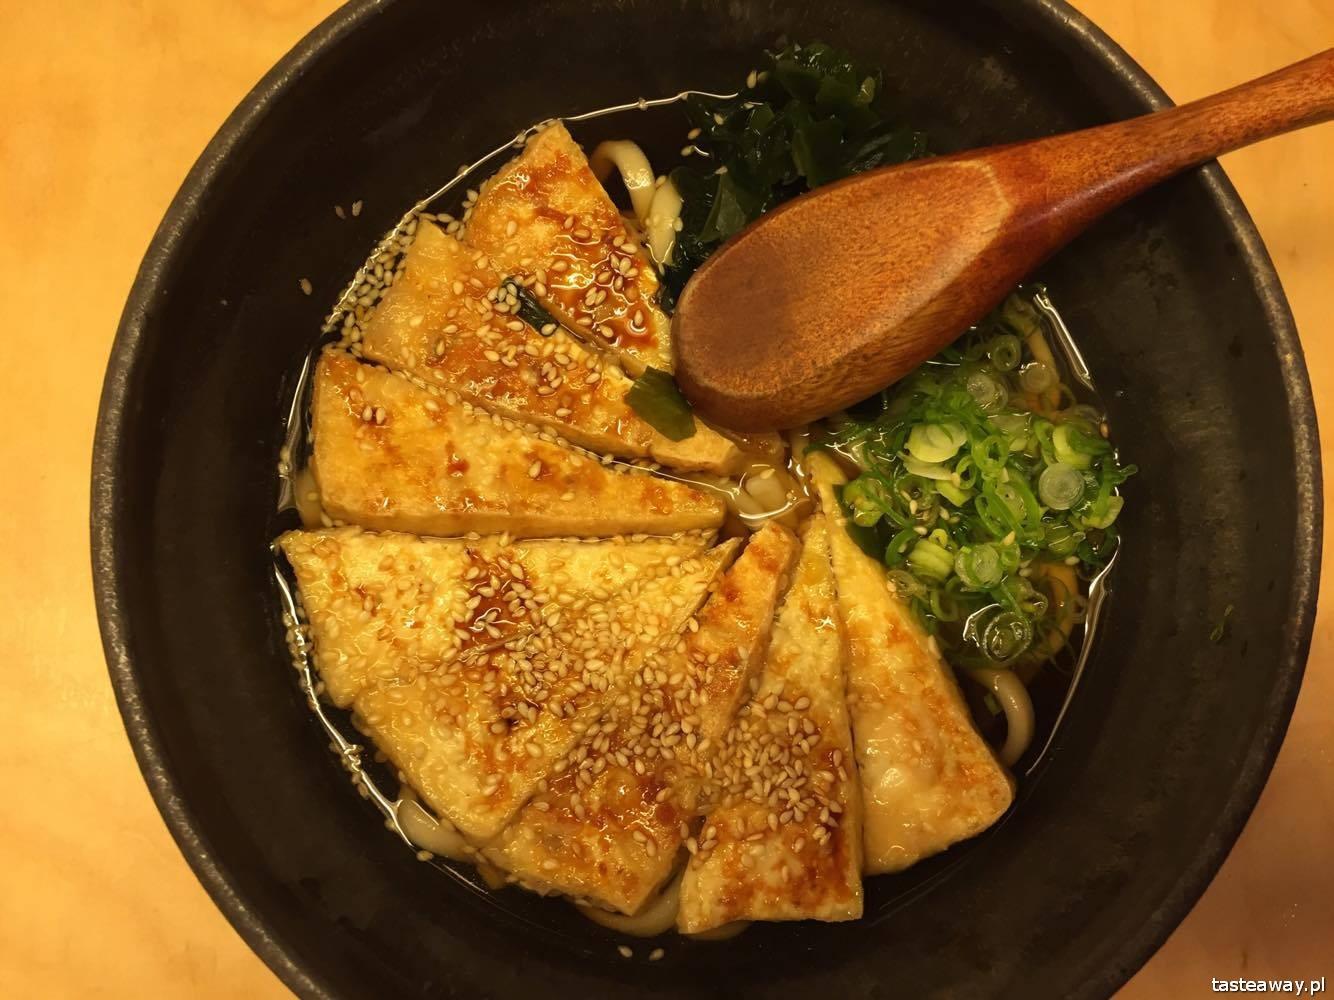 Ochota, Ochota restauracje, gdzie jeść na ochocie, kuchnia japońska, Sato gotuje